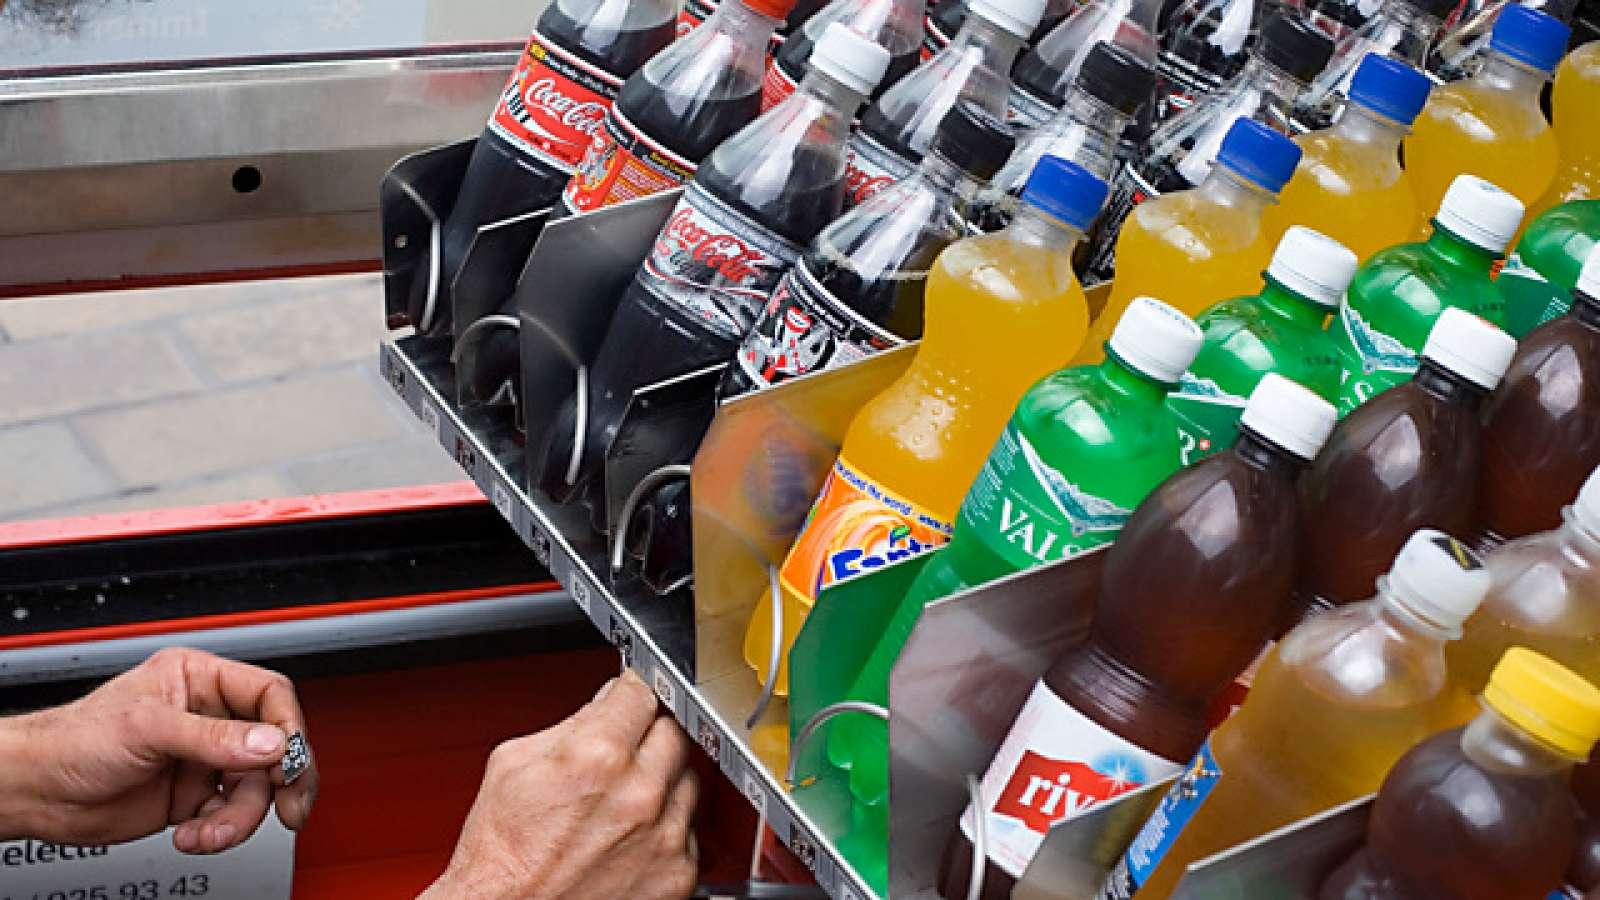 Romands wollen Aufschlag für Süssgetränke: Migros und Coop sauer ...